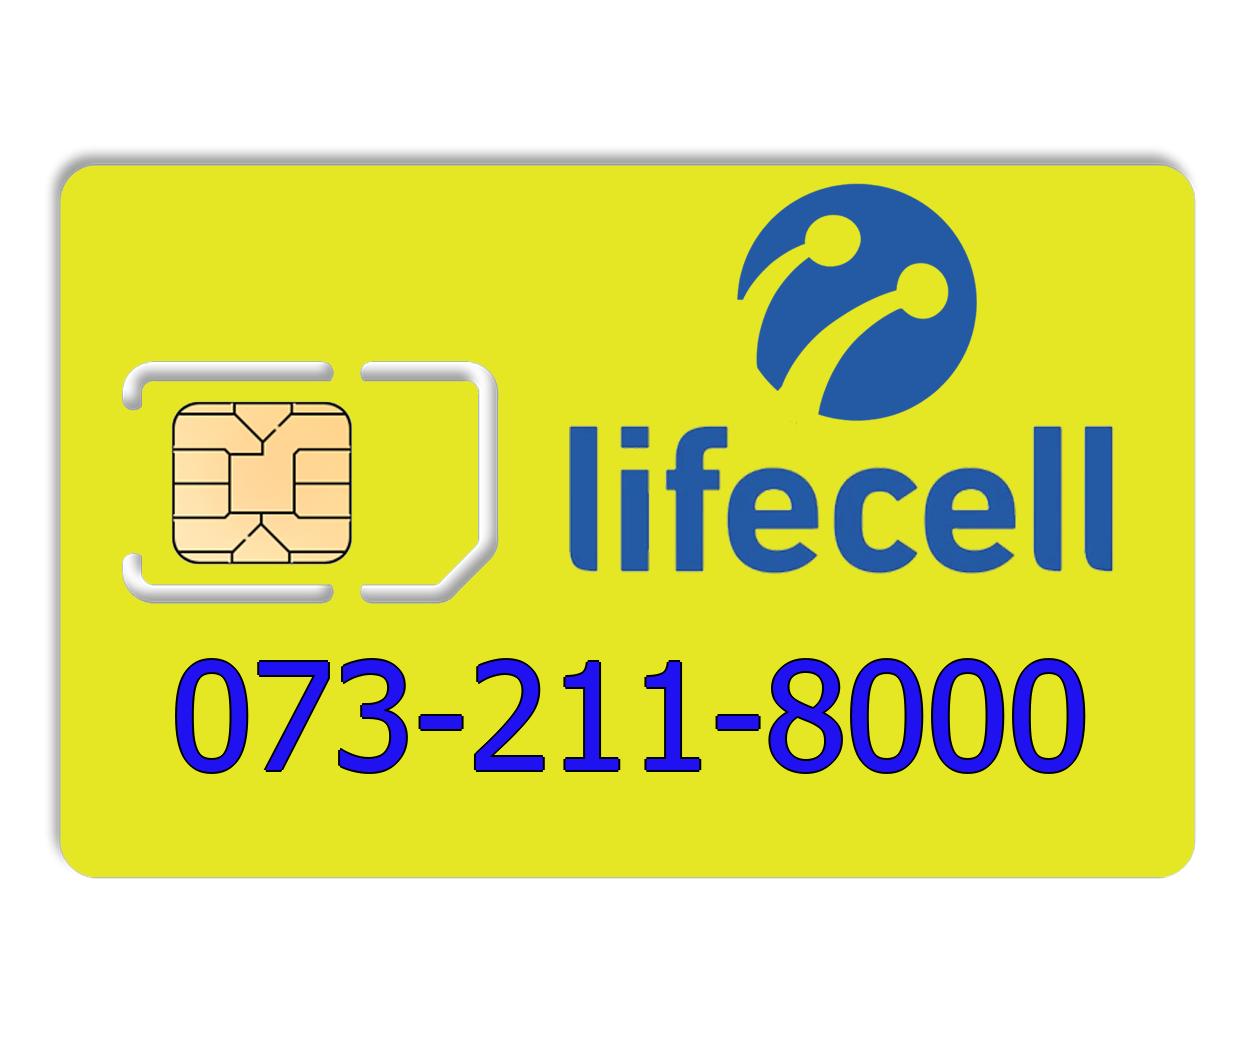 Красивый номер lifecell 073-211-8000